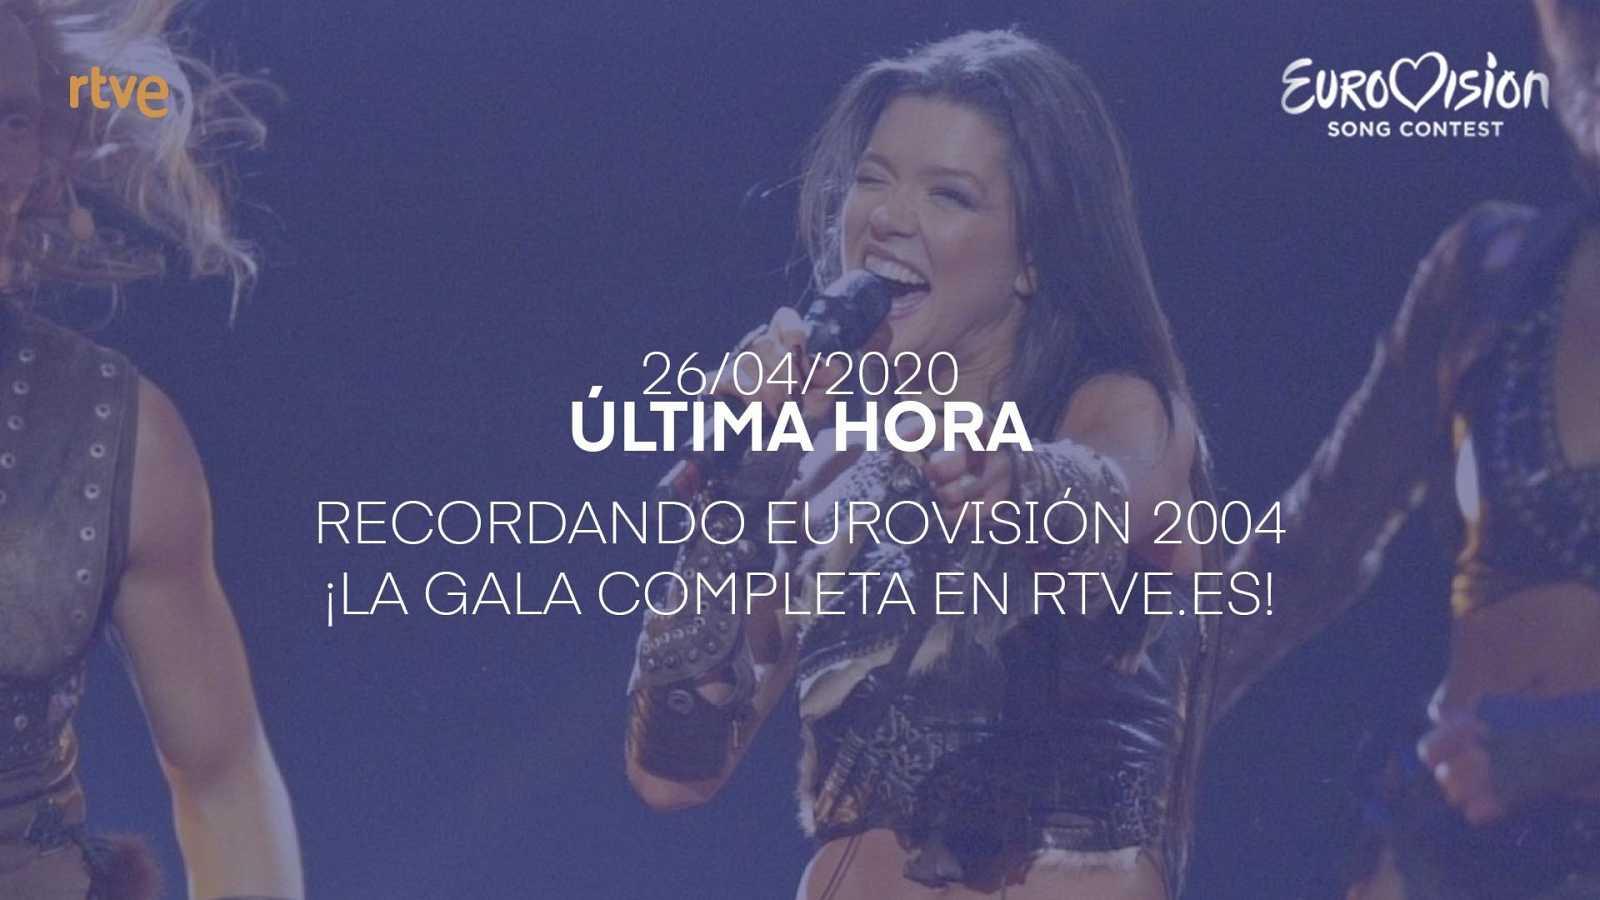 Recordando Eurovisión 2004